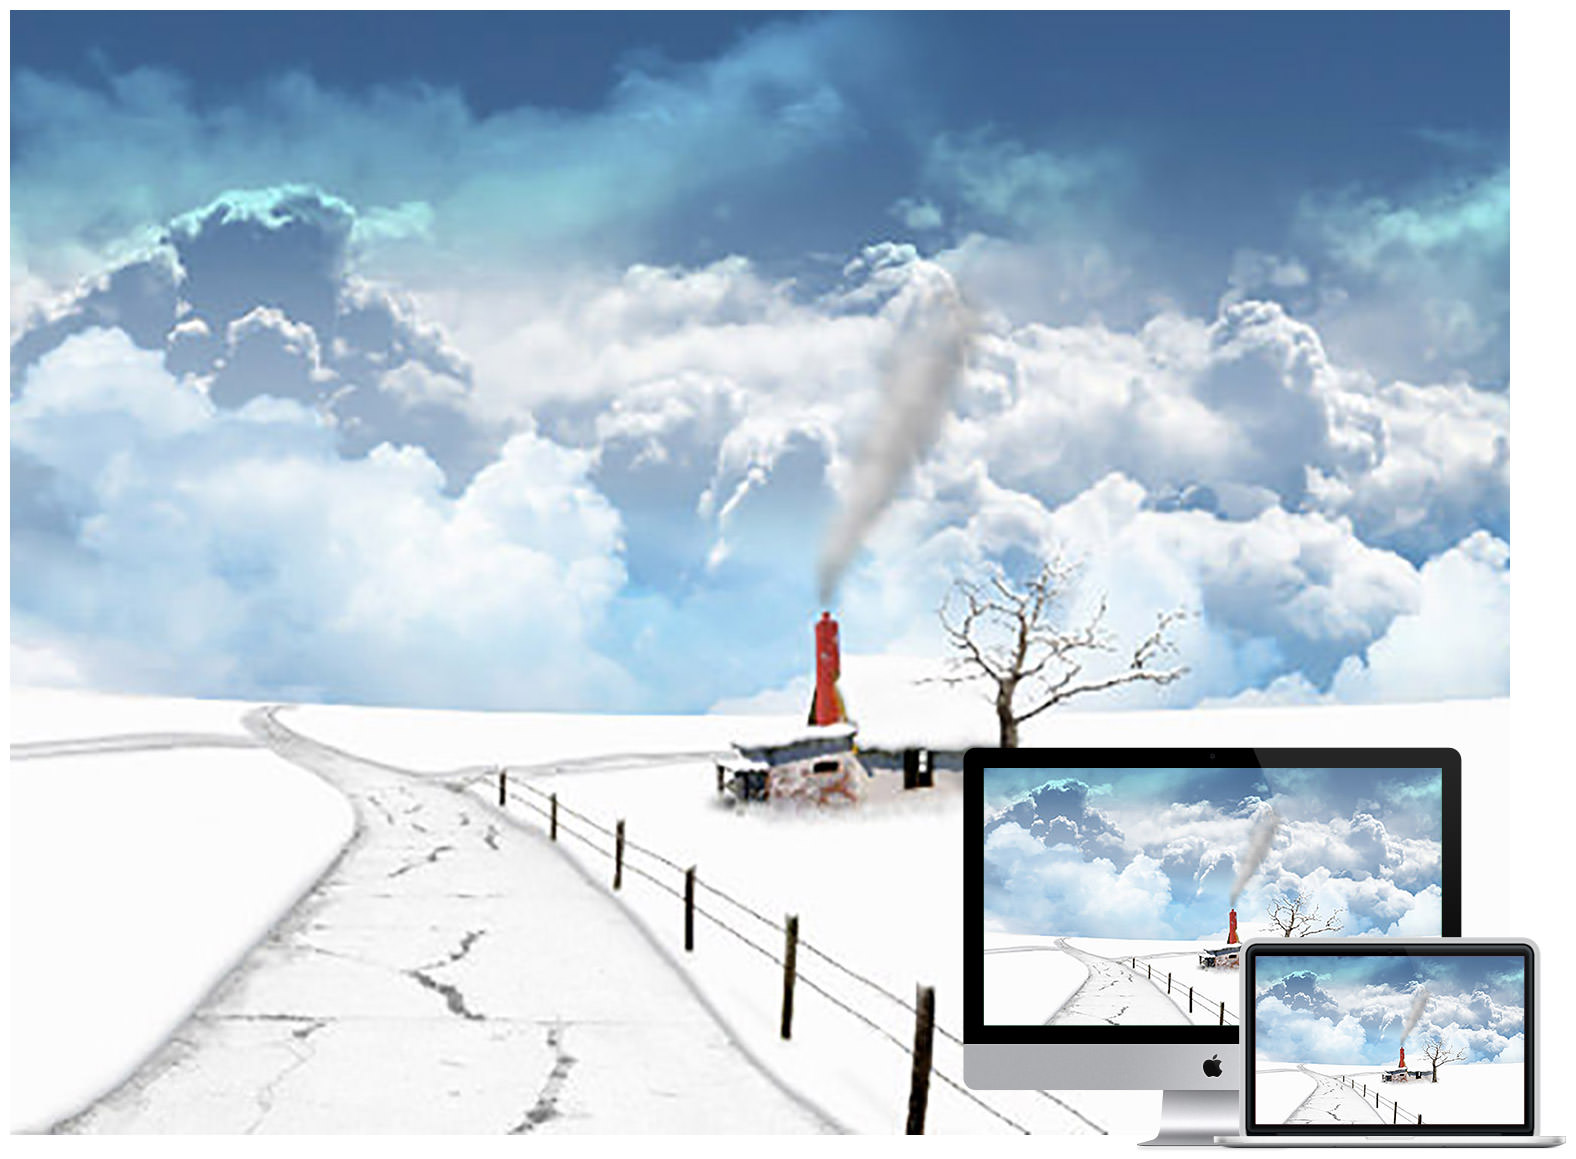 winter wallpaper - Bộ ảnh nền mùa Đông đẹp dành cho máy tính